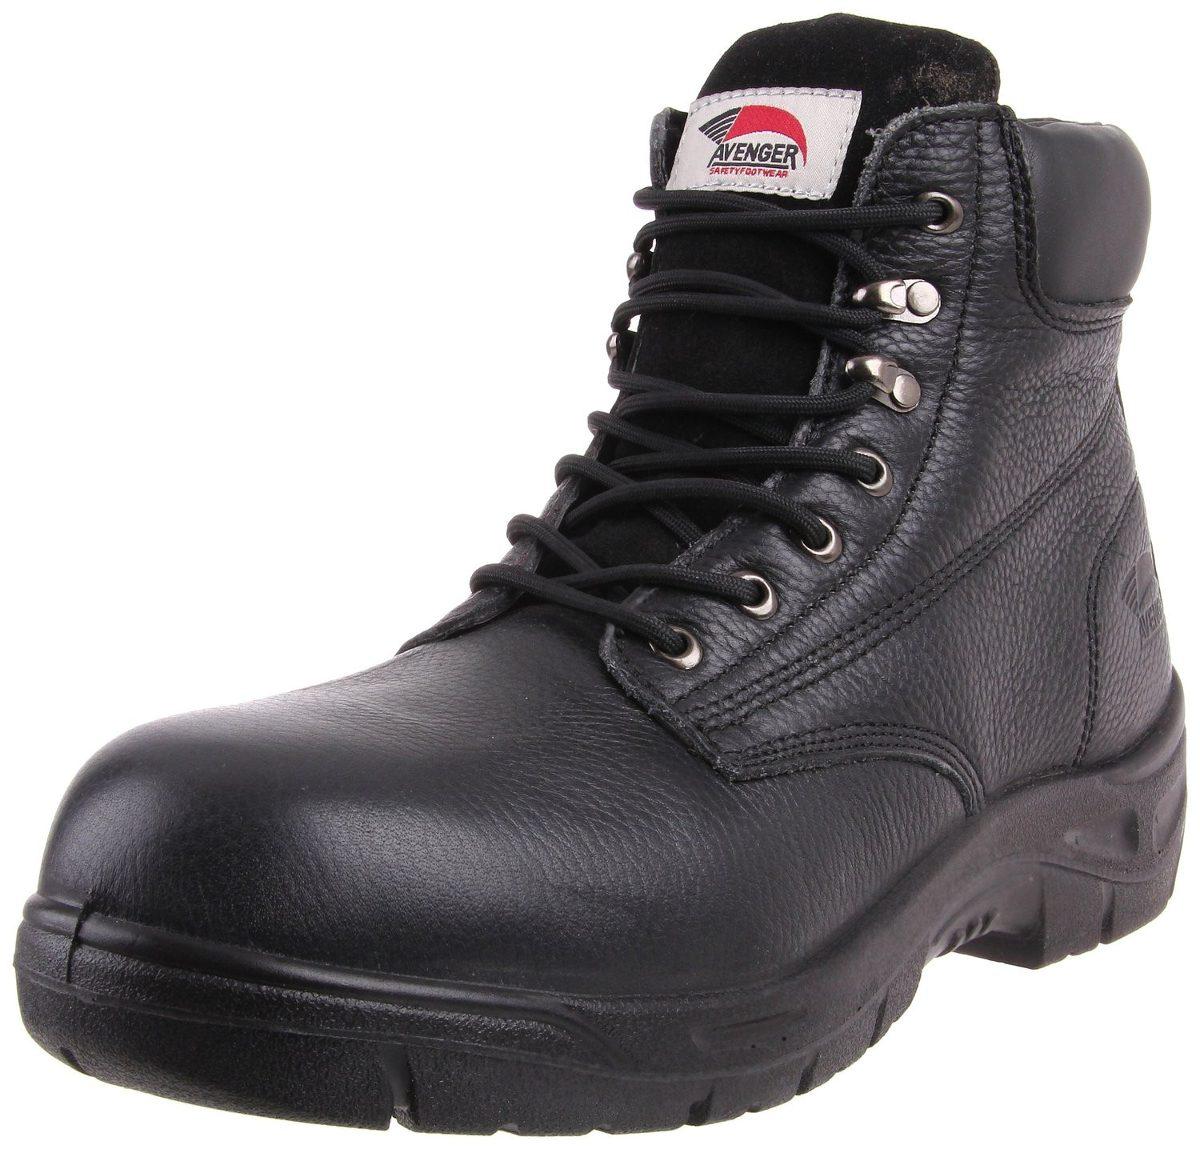 Avenger safety a7212 steel toe zapato de seguridad 29 5 - Botas de seguridad precios ...